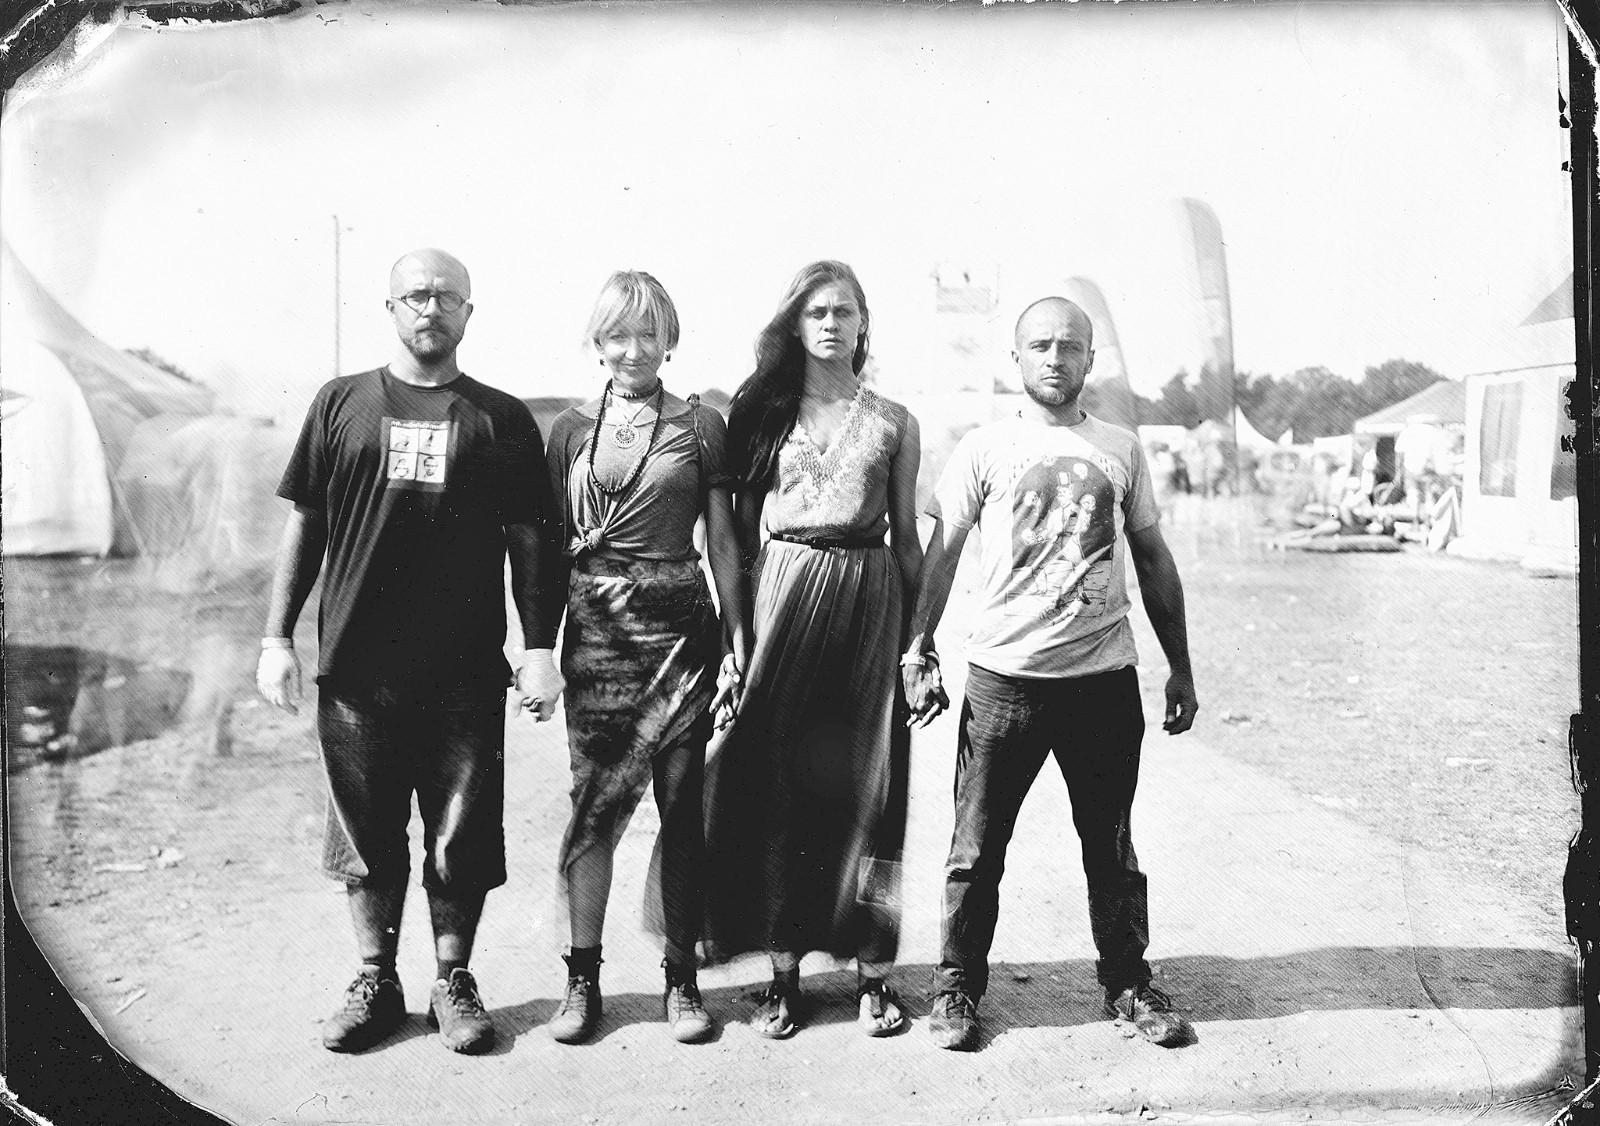 Przystanek Woodstock 2015 - Mokry Kolodion - Street Collodion Art (28)